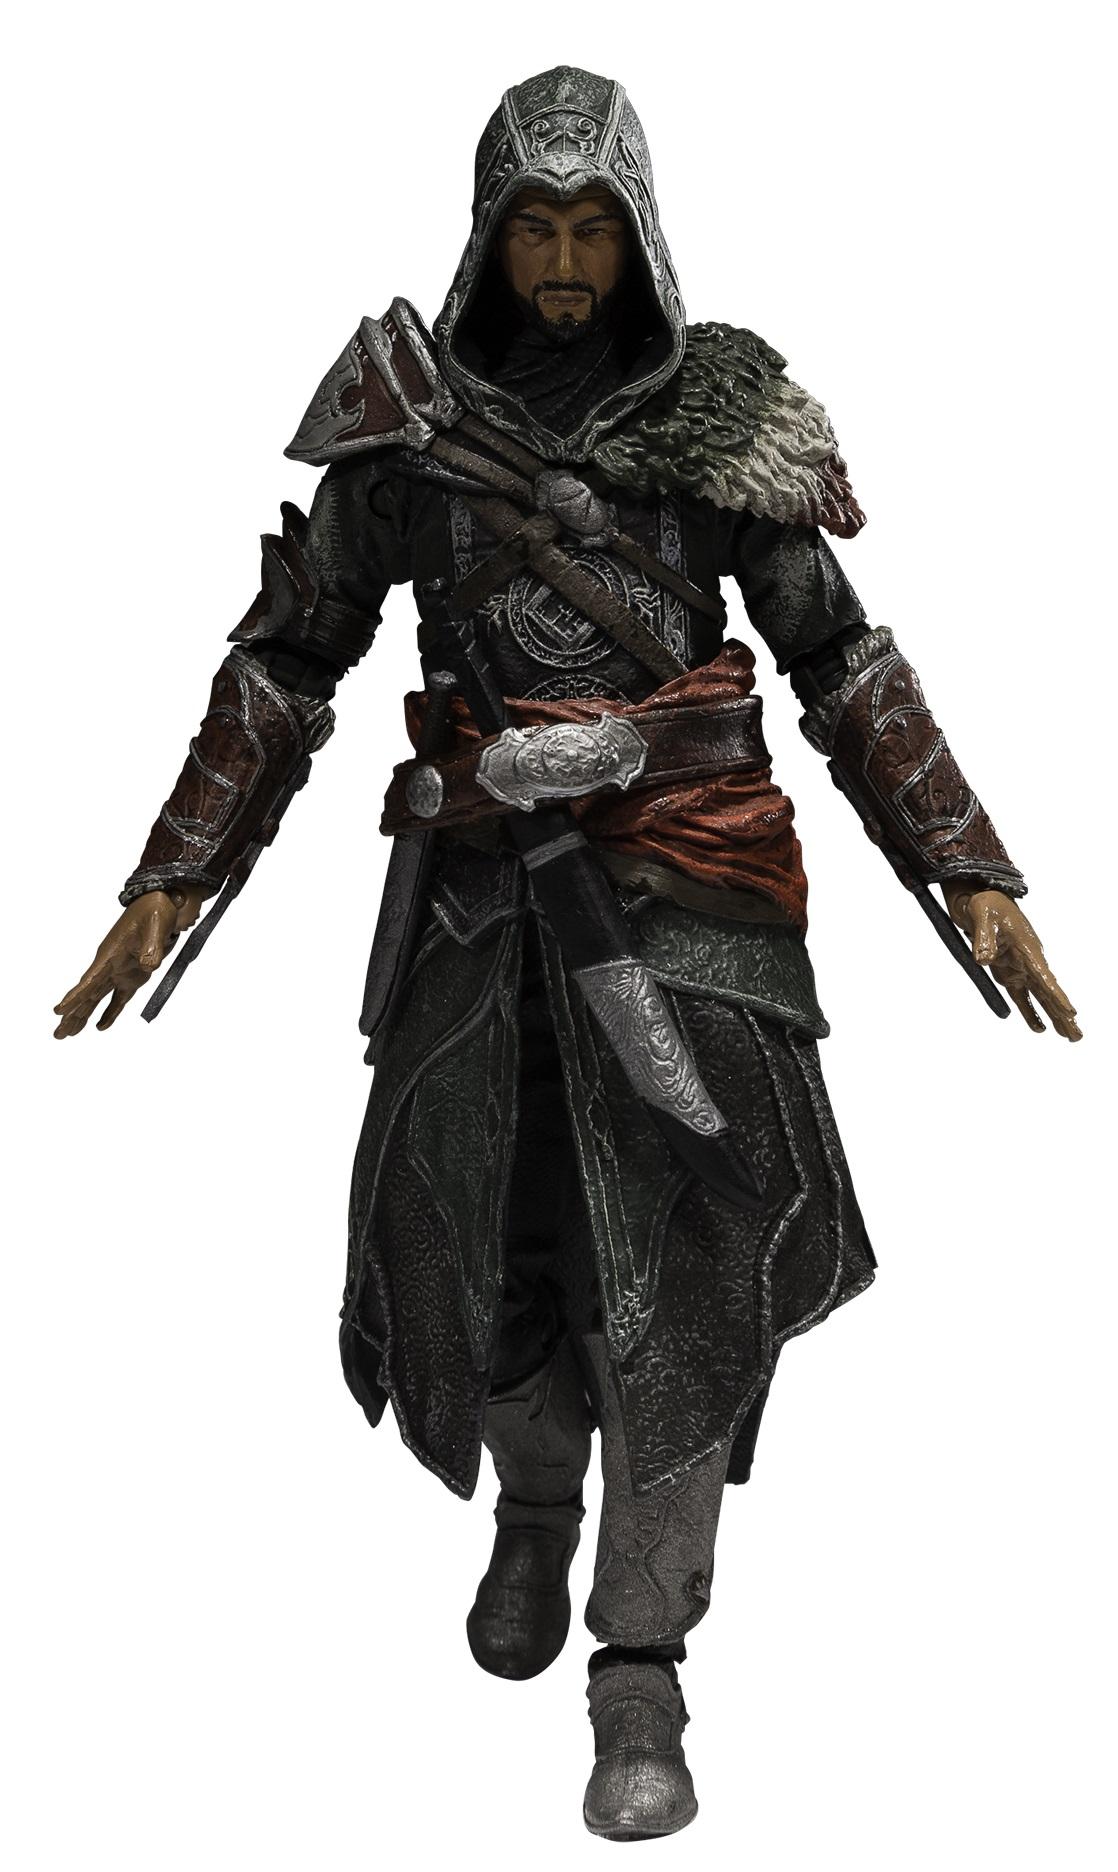 Фигурка Assassins Creed. Series 5. Il Tricolore Ezio Auditore (15 см)Представляем вашему вниманию фигурку Assassins Creed. Series 5. Il Tricolore Ezio Auditore, воплощающую собой одного из персонажей популярной серии игр Assassins Creed.<br>